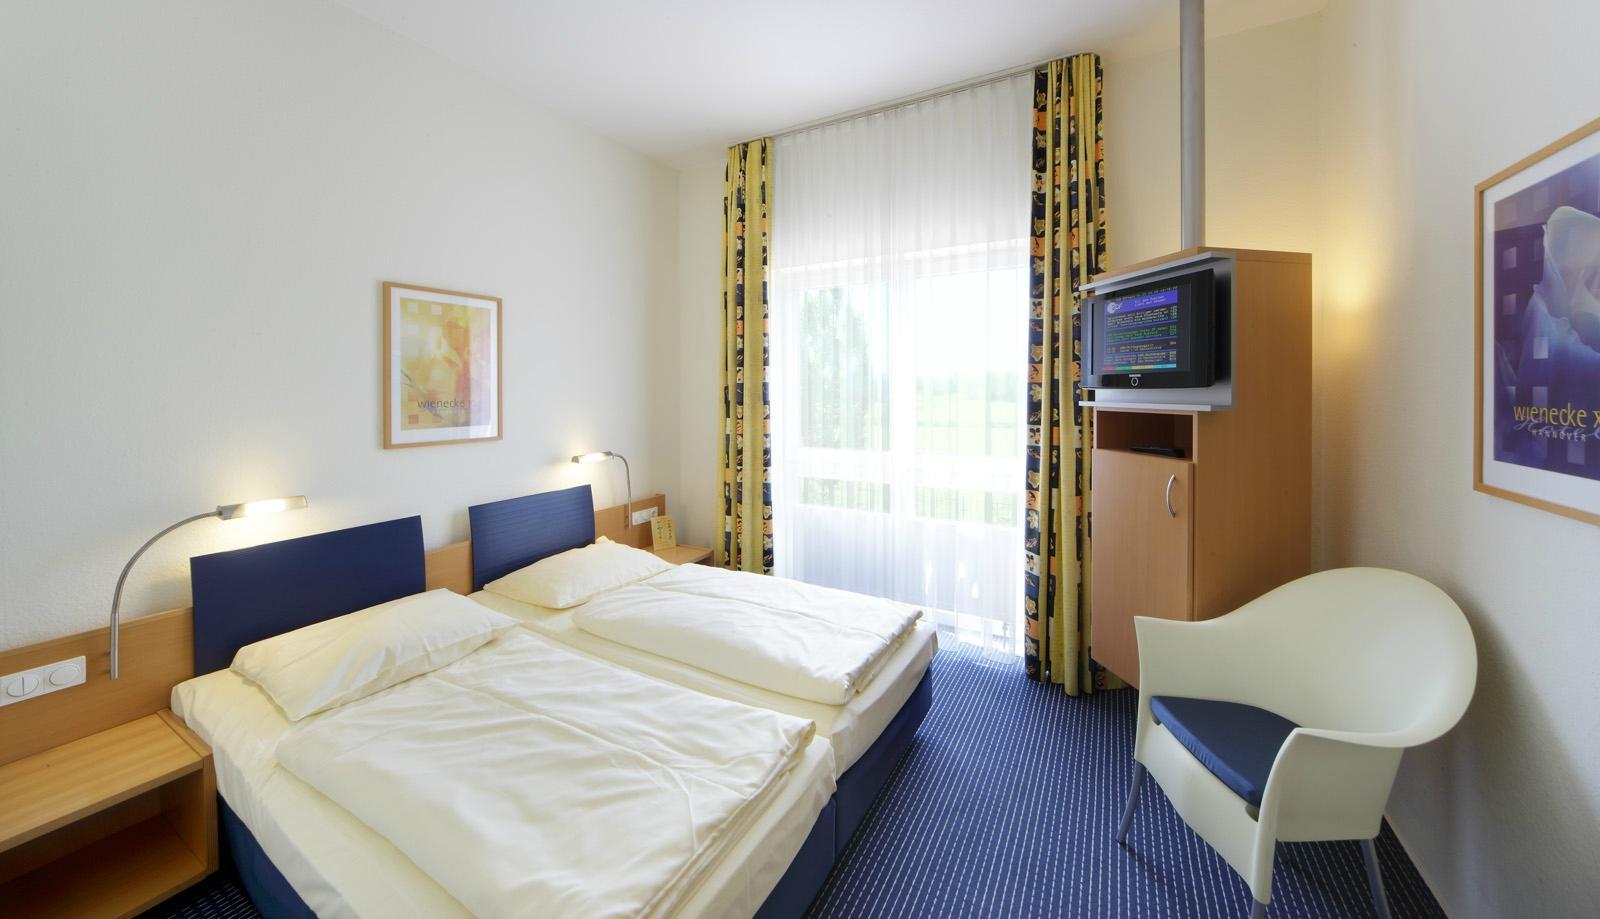 デザインホテル ウィネカ XI ハノーバー